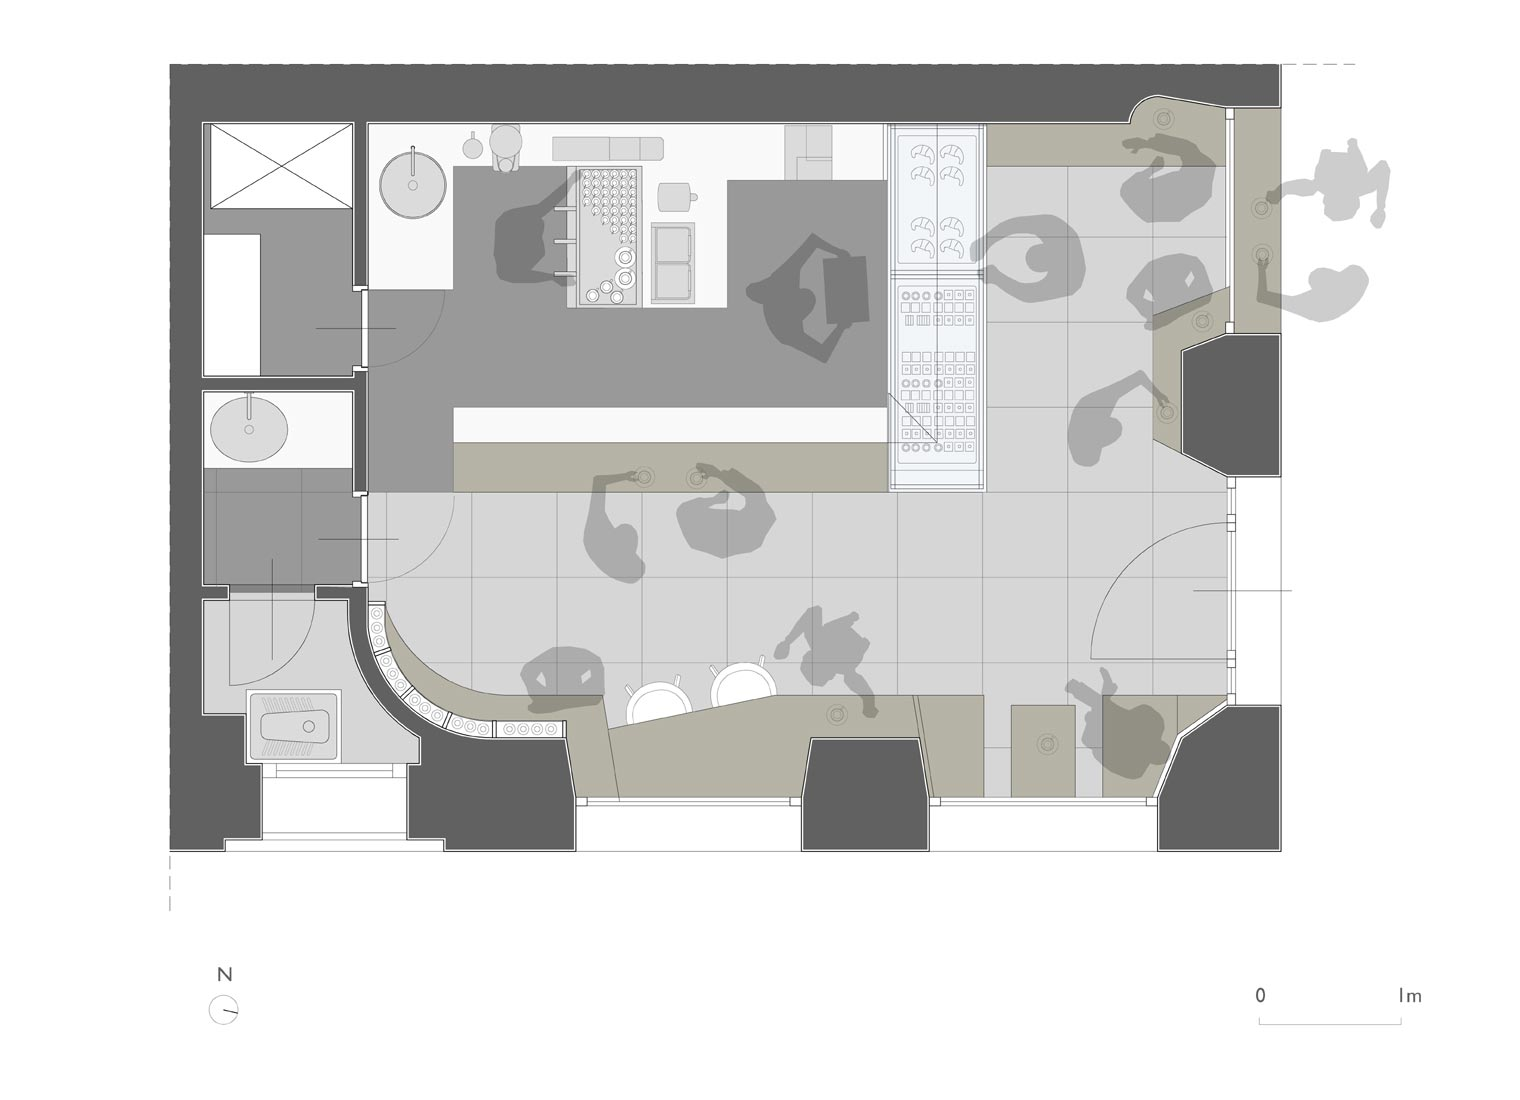 vk-architetti_spaceoddity_plan